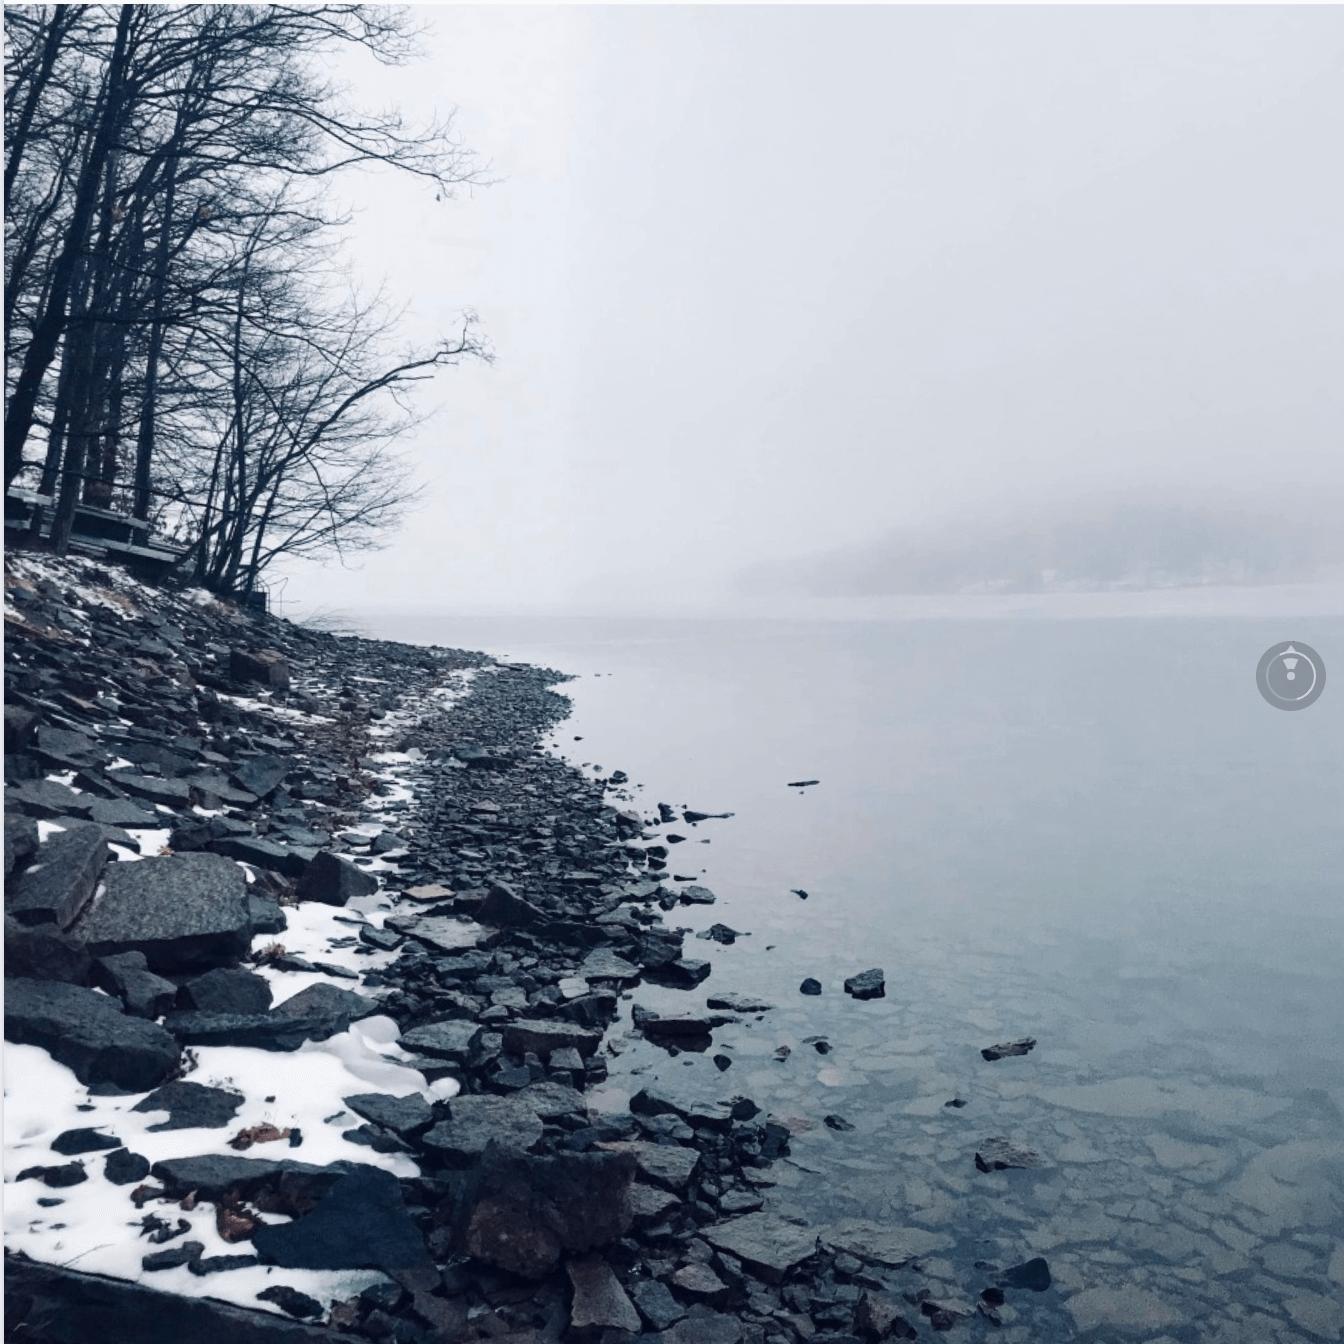 Mike Dailidenas at Deep Creek Lake, MD